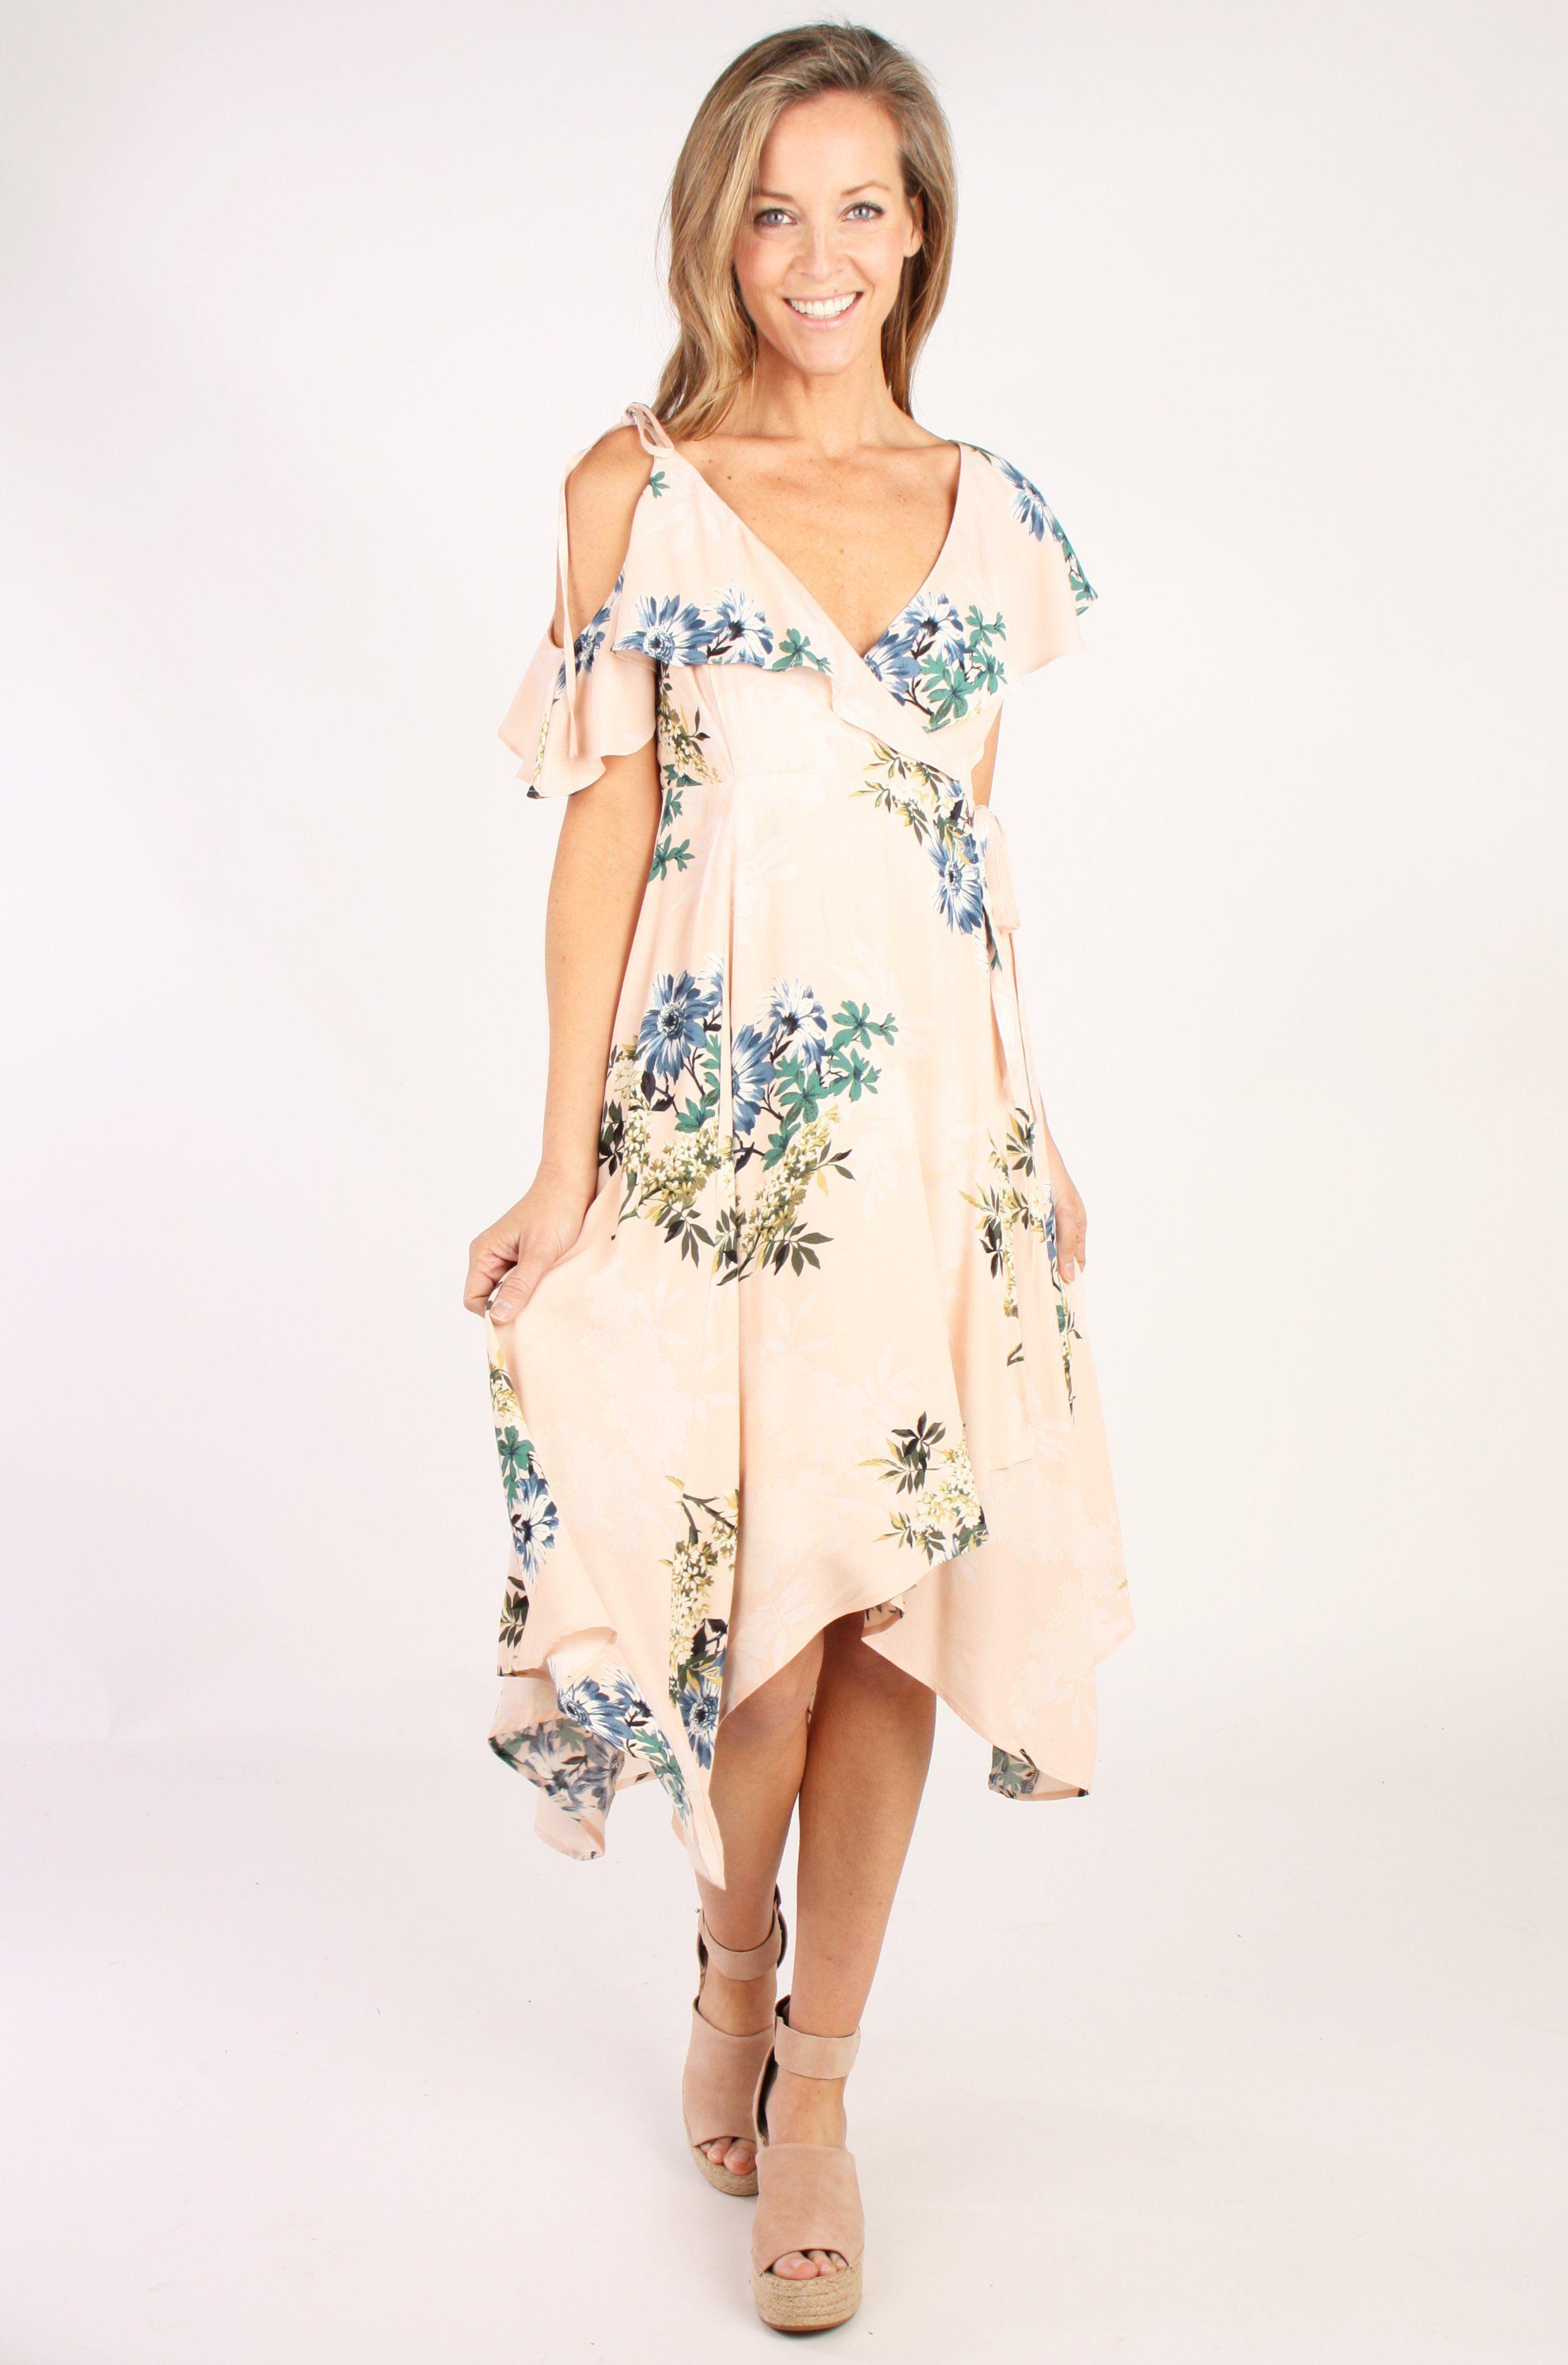 Mushroom Lace Frill Cold Shoulder Dress in 2020 | Dresses